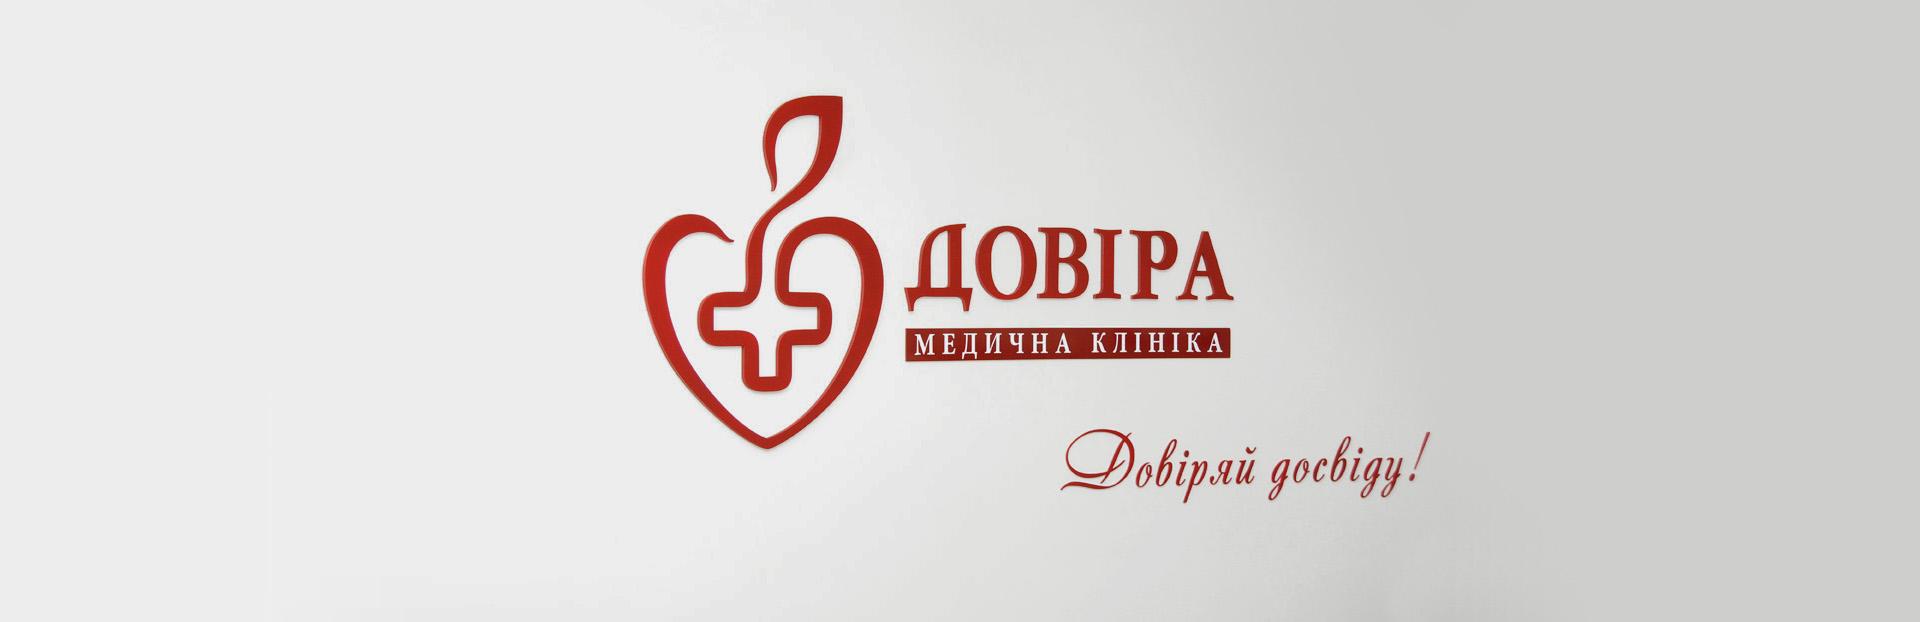 Дизайн вывески медицинской клиники, Medical clinic sign design